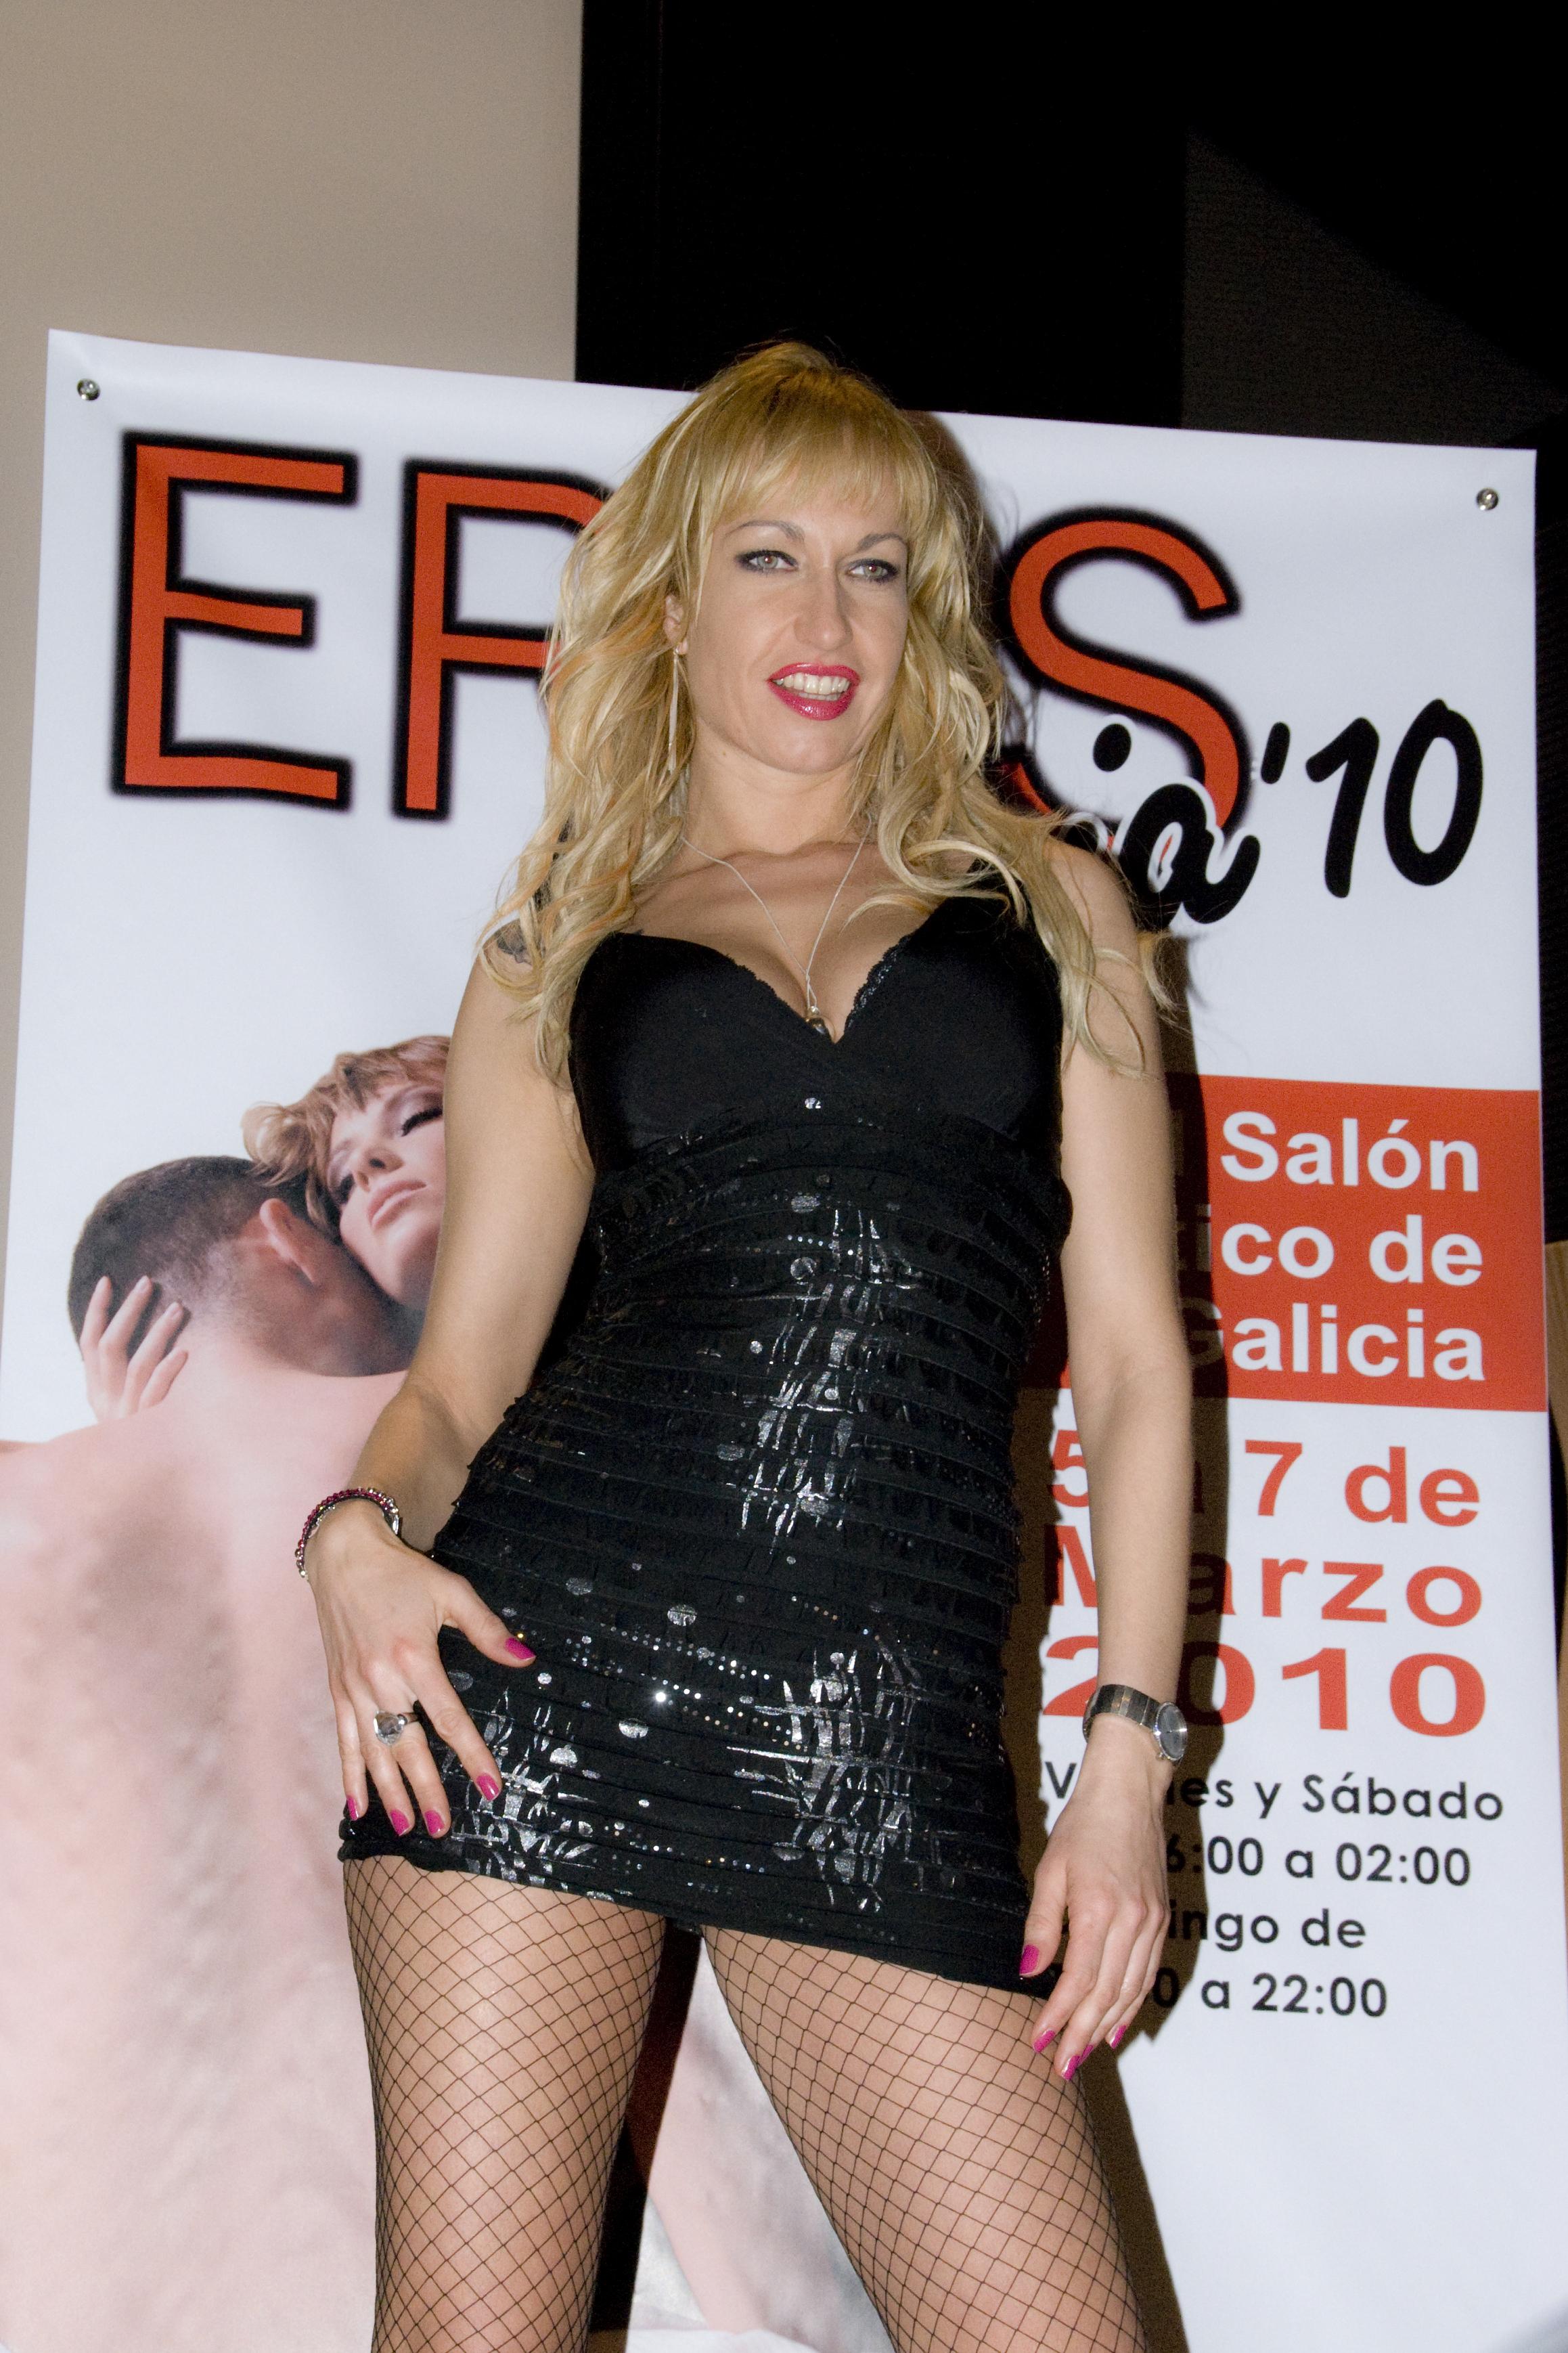 Actrices Porno Galicia quien es sophie evans la super-estrella de eros galicia 2010